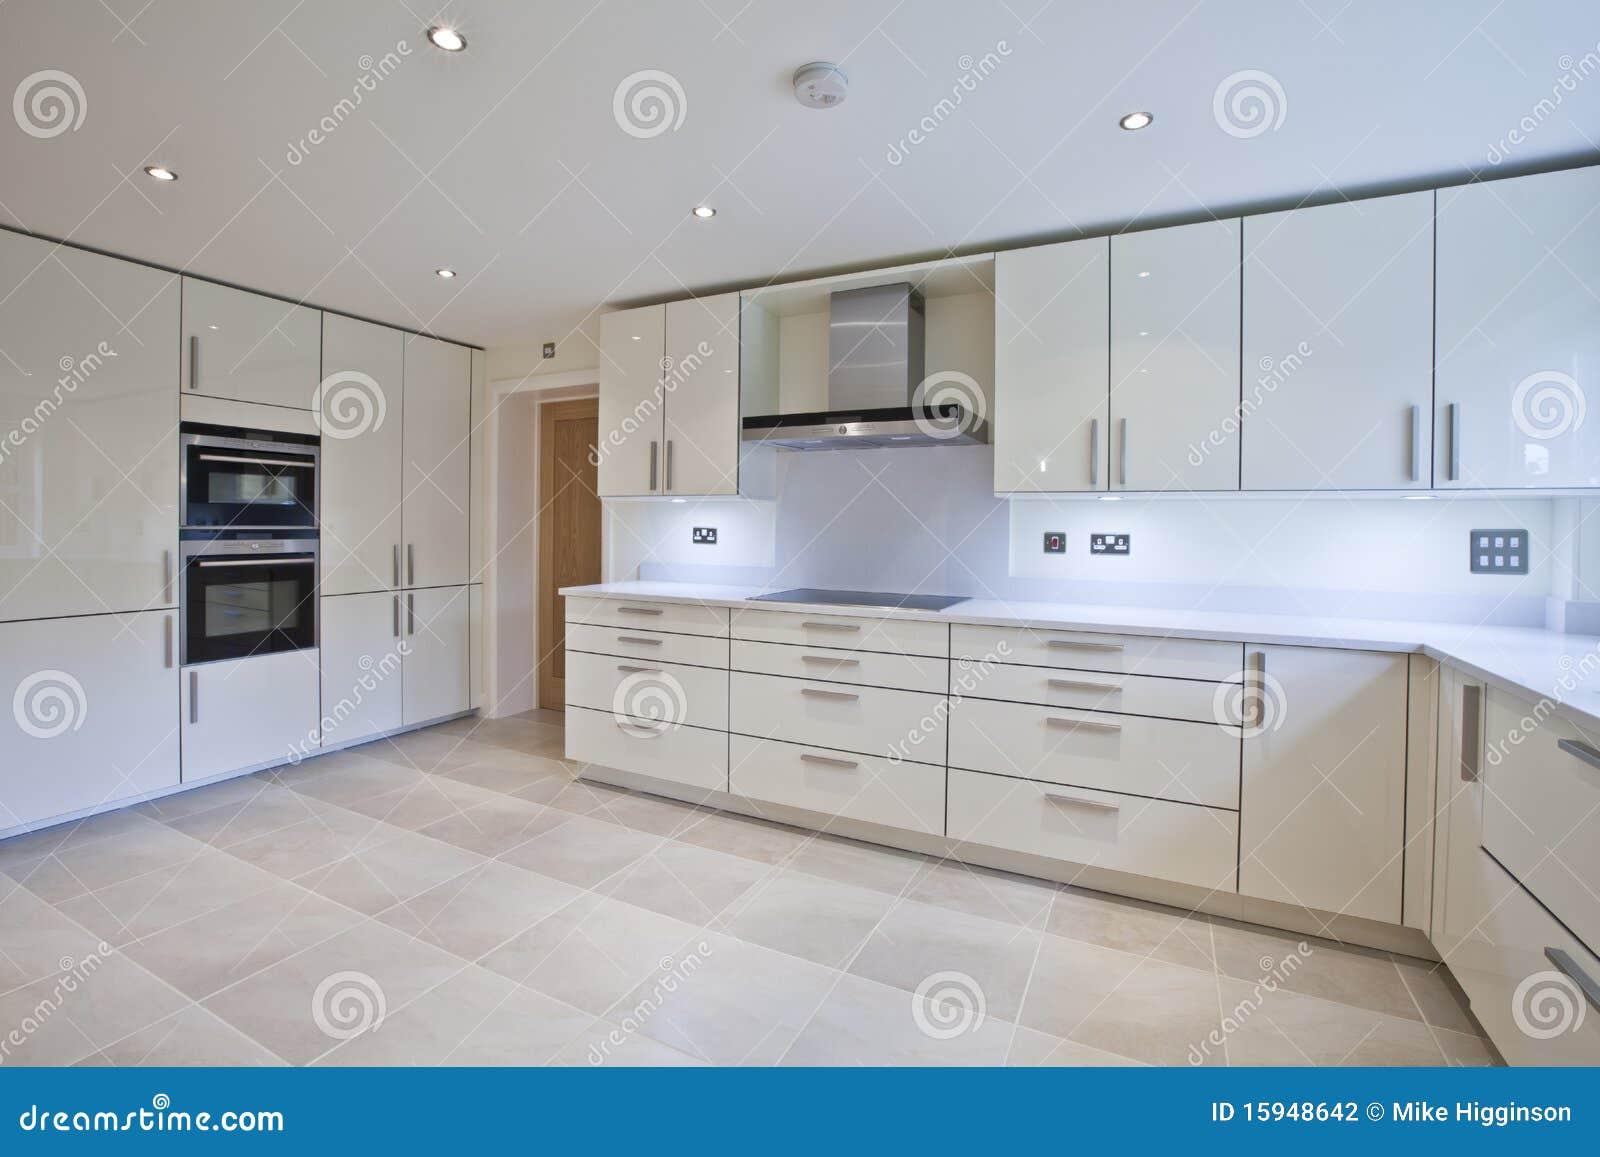 Cozinha Moderna Luxuosa Fotografia de Stock Imagem: 15948642 #82A229 1300 957